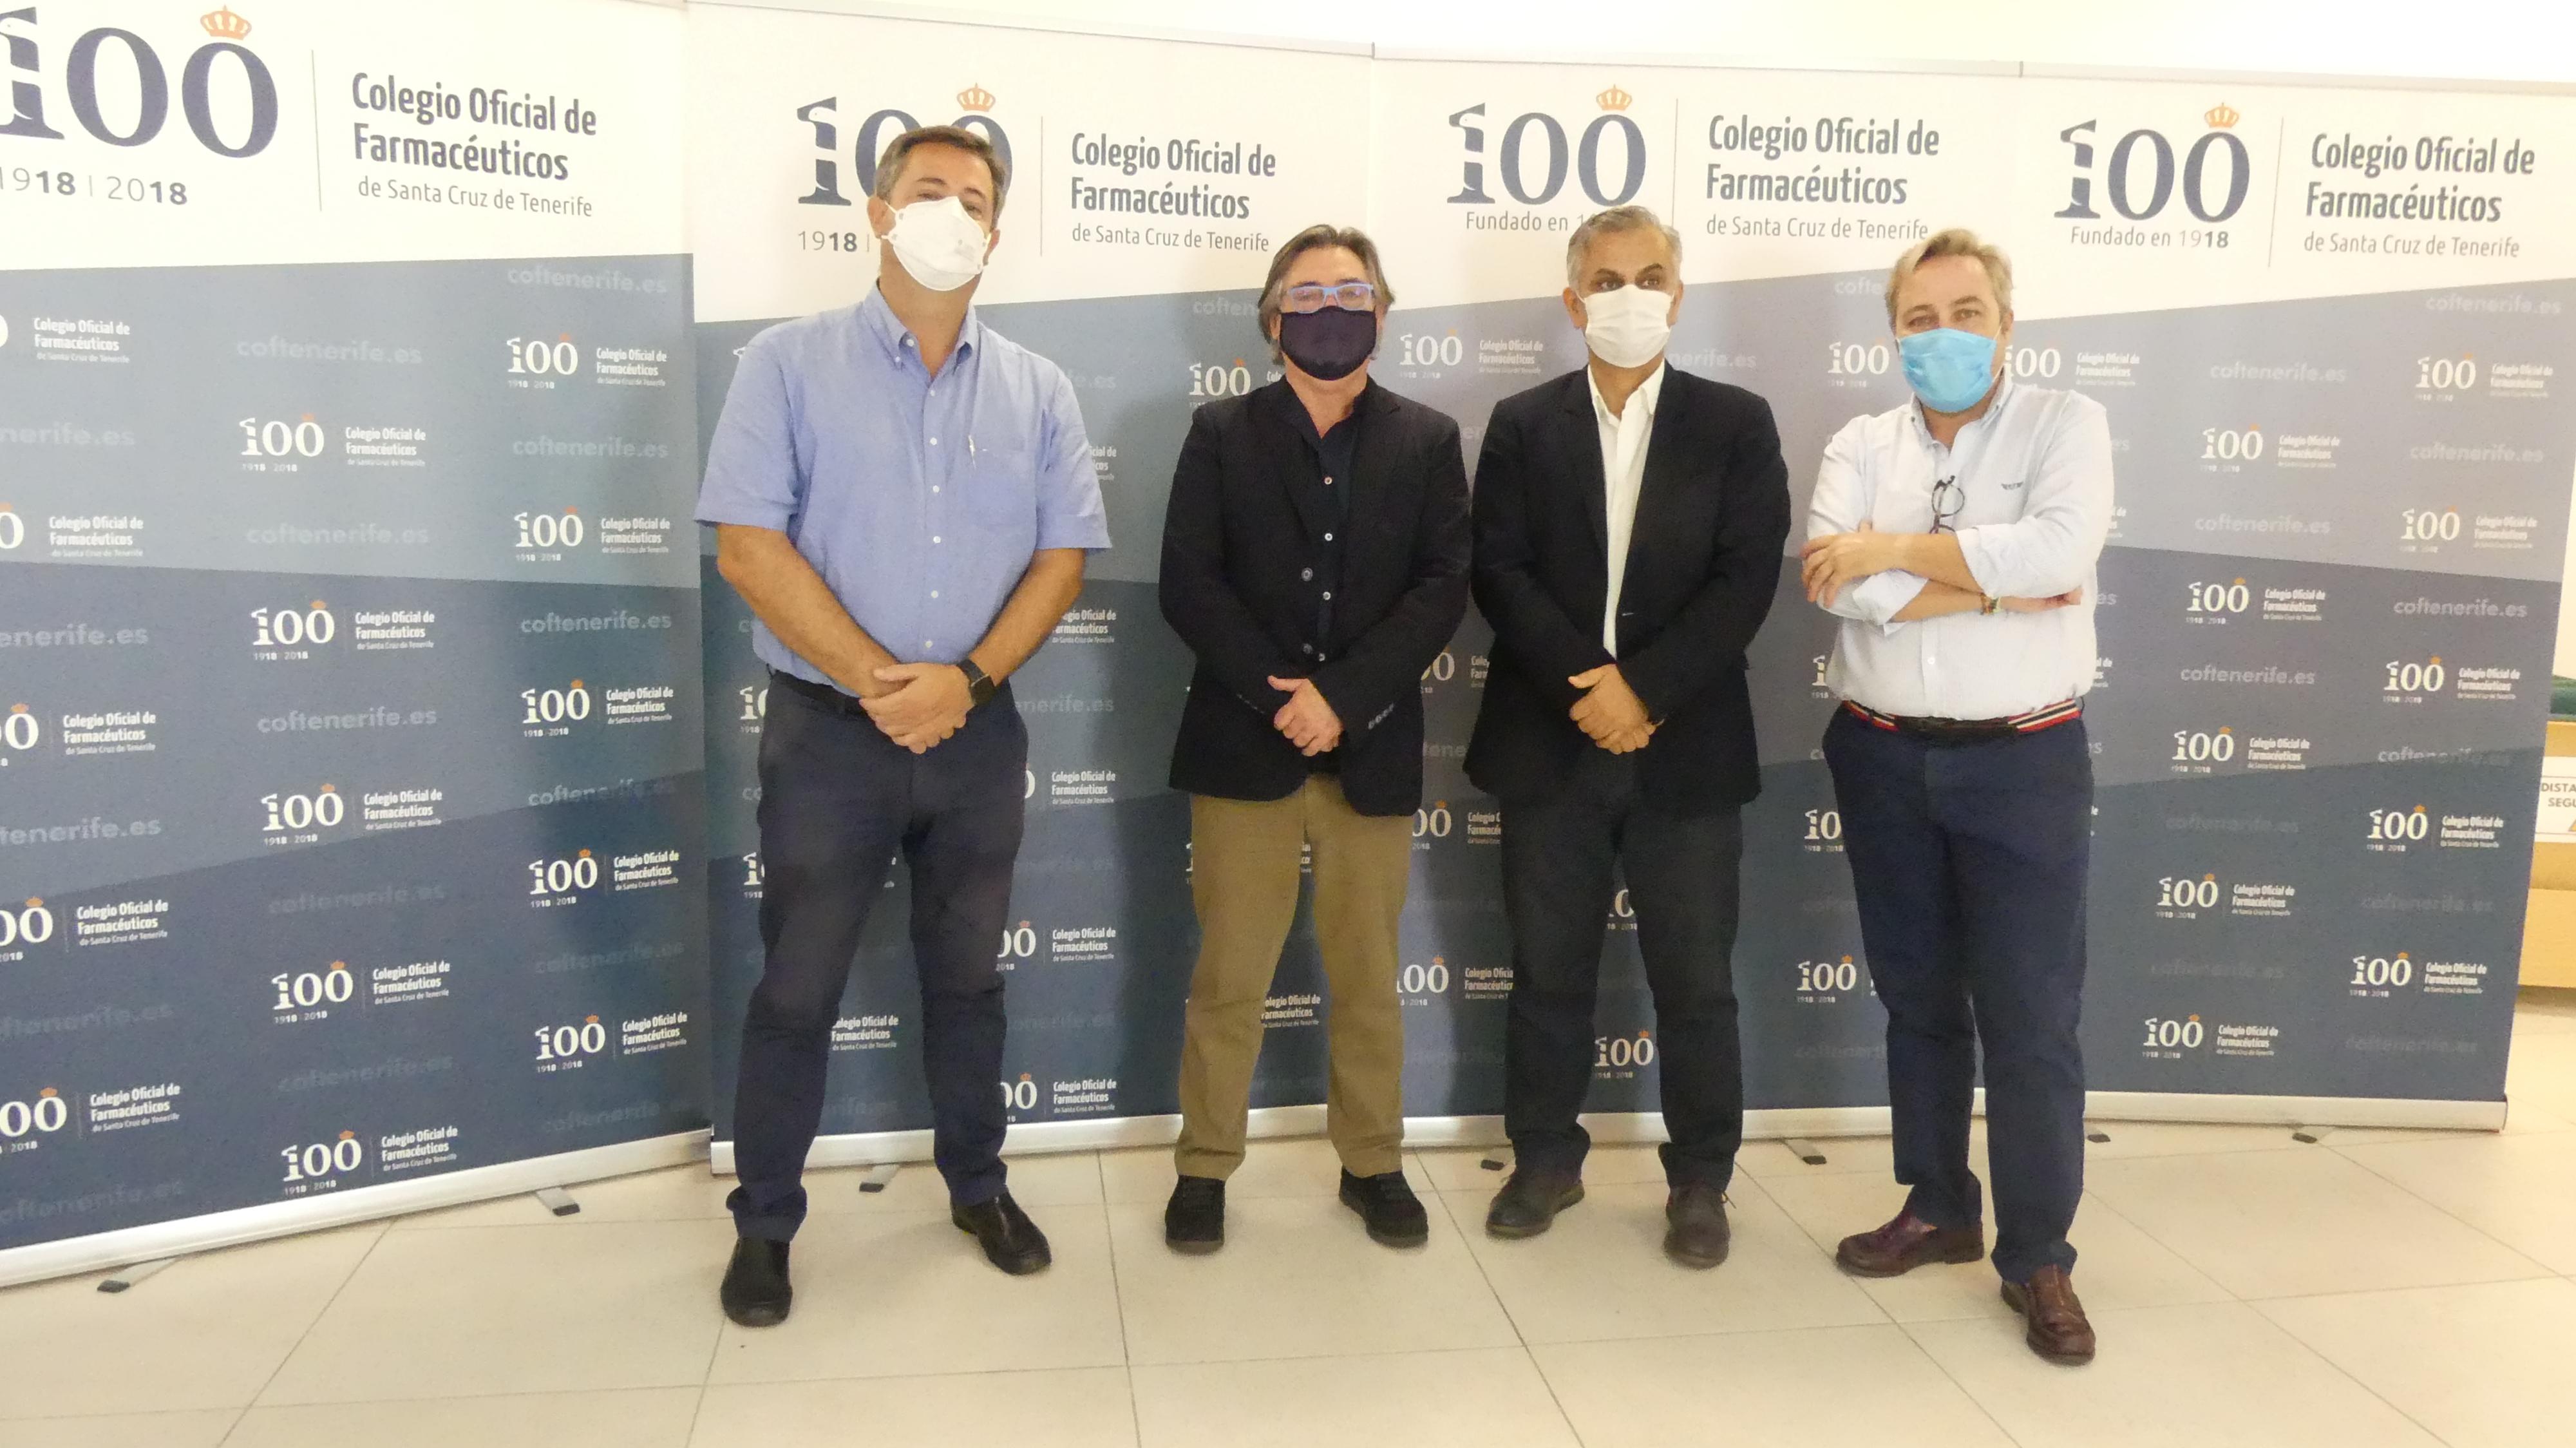 El Colegio de Farmacéuticos de Santa Cruz de Tenerife se suma al Fondo de Emergencias